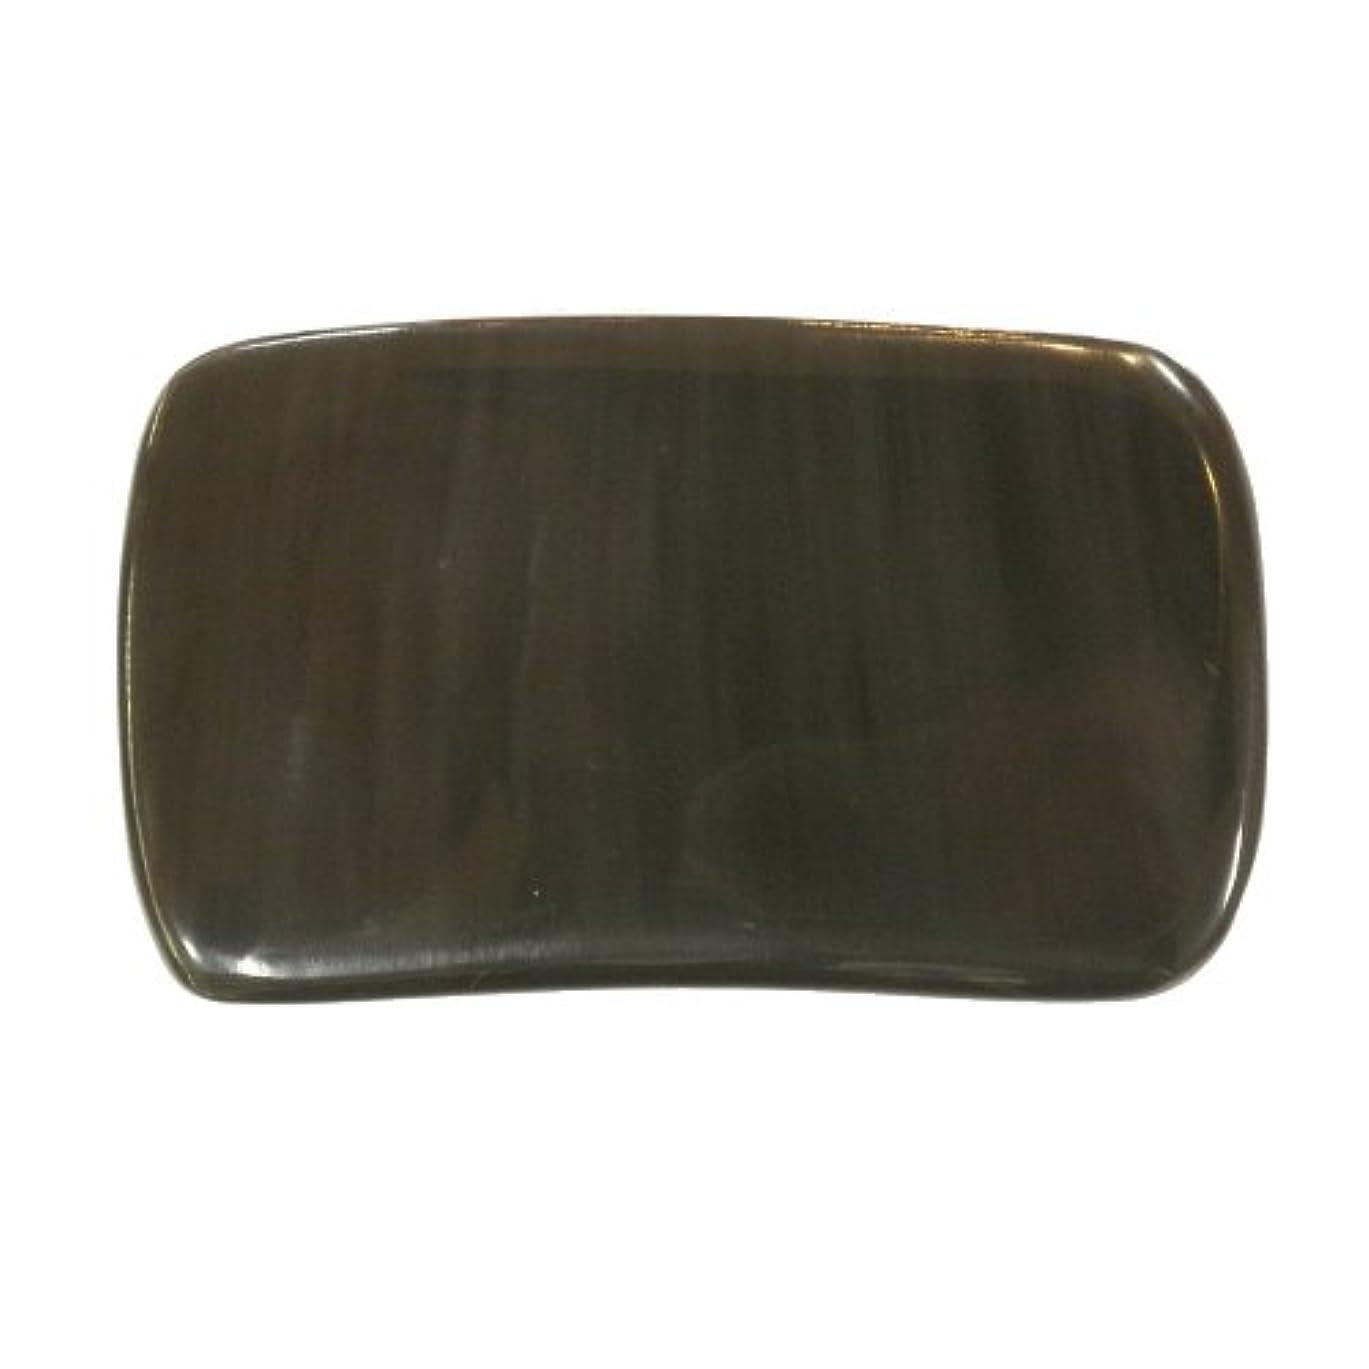 色イブニングりんごかっさ プレート 厚さが選べる ヤクの角(水牛の角) EHE268SP 長方形大 特級品 厚め(7ミリ程度) 穴あり